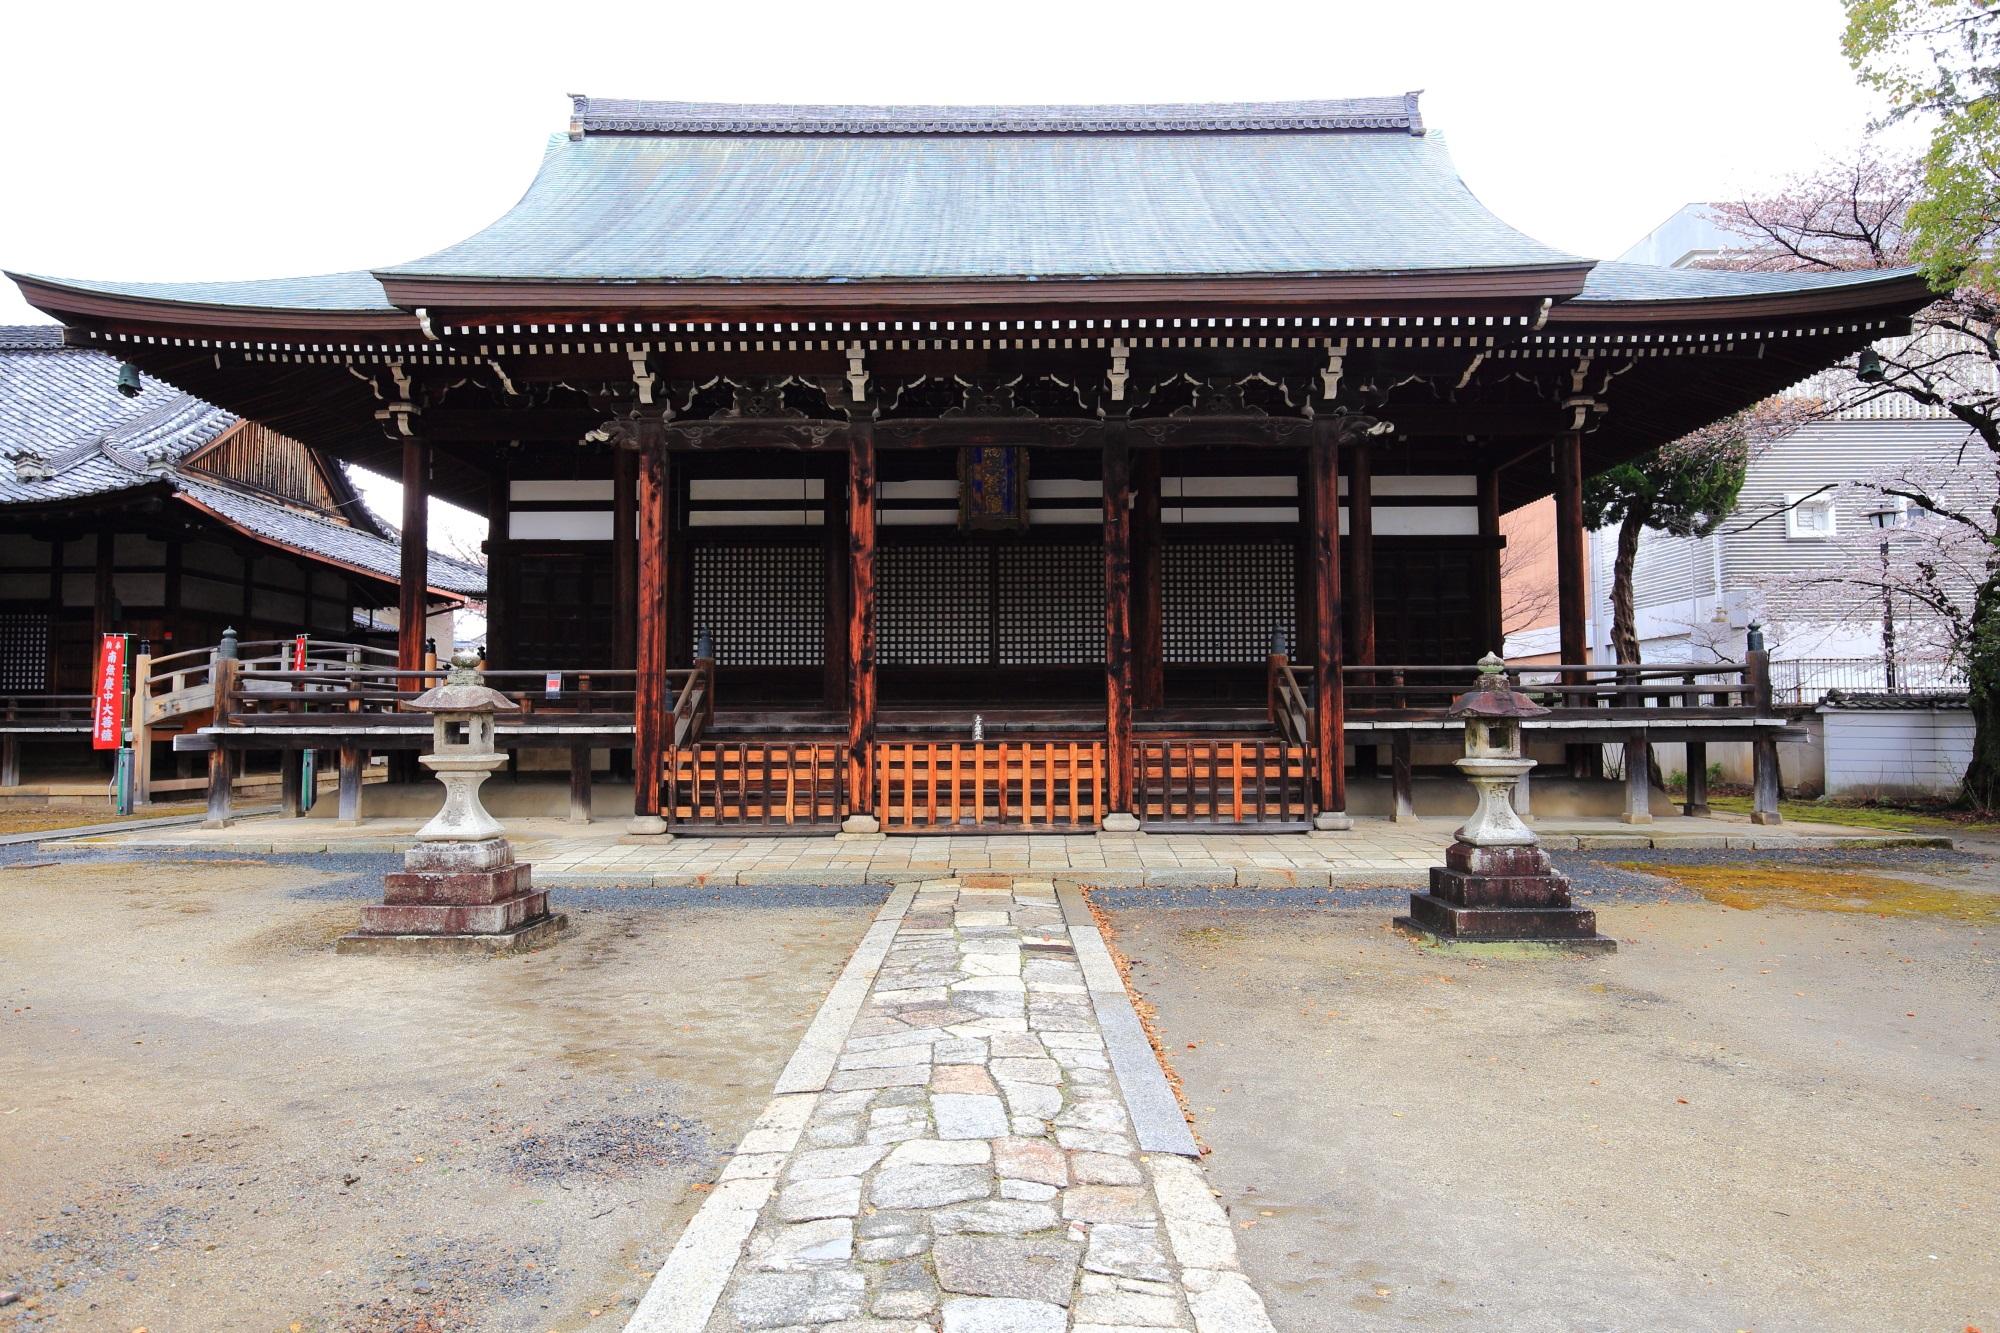 妙顕寺の三菩薩堂